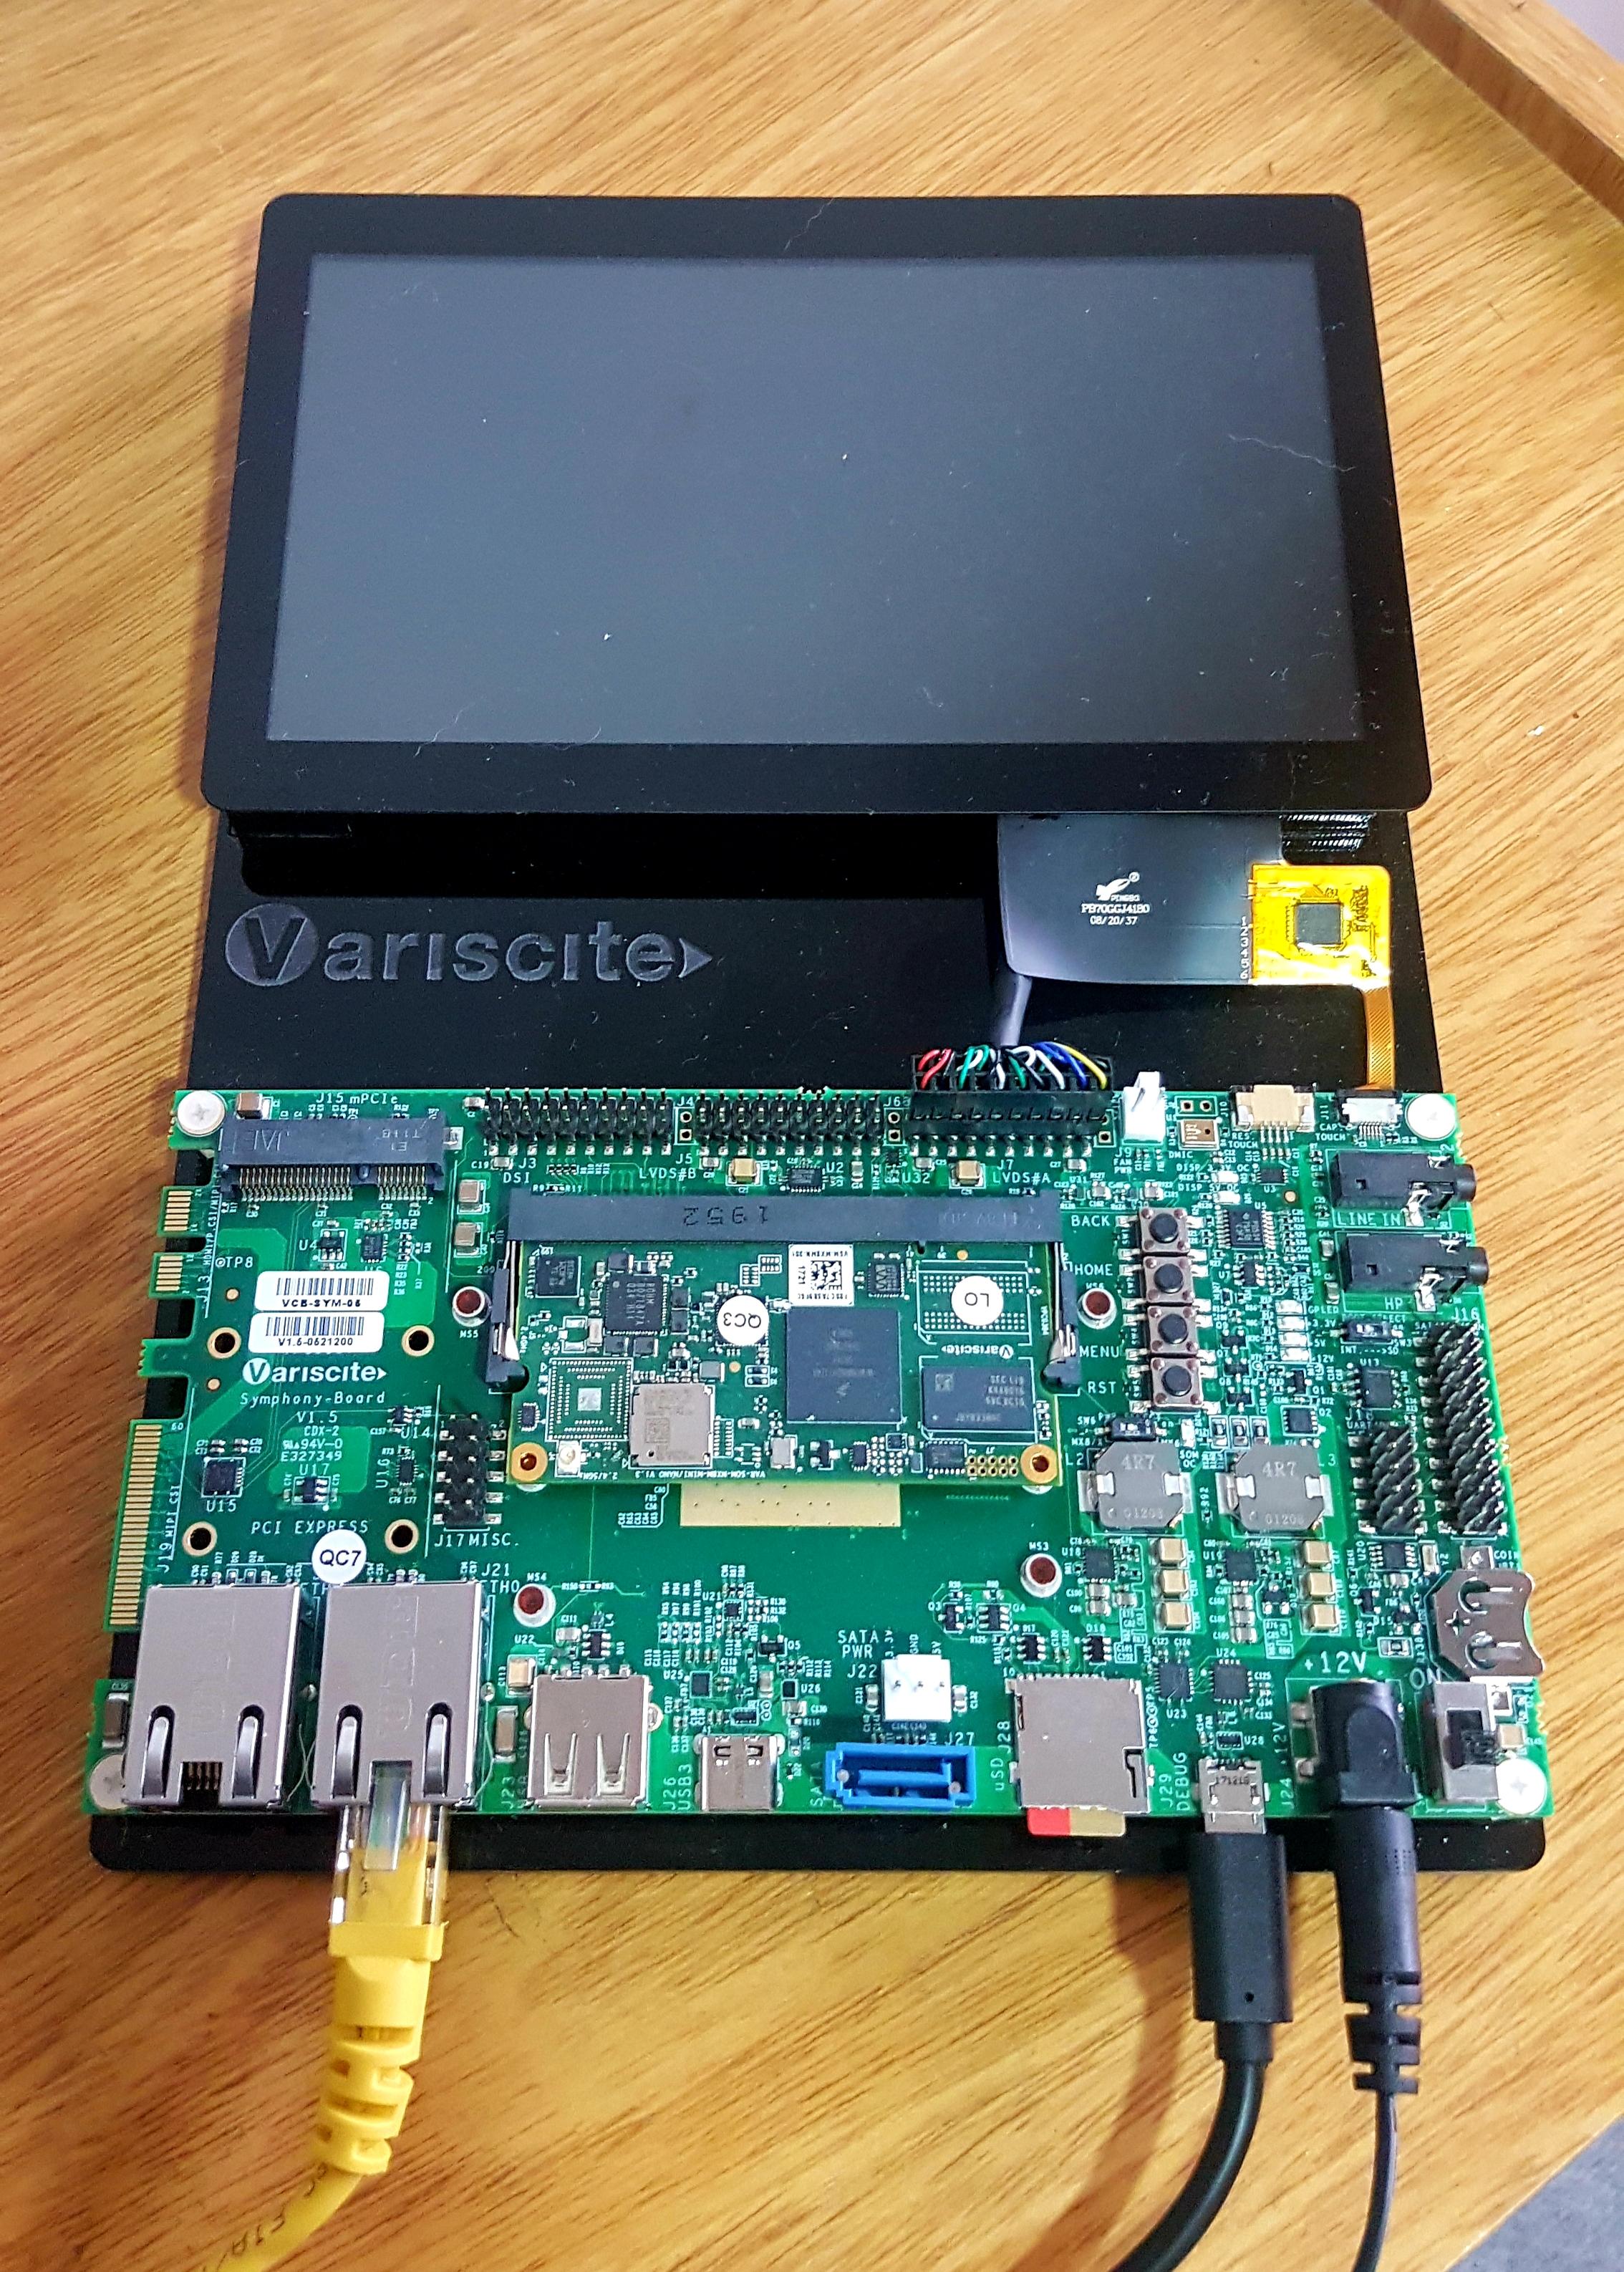 iMX8MN Variscite Development Kit